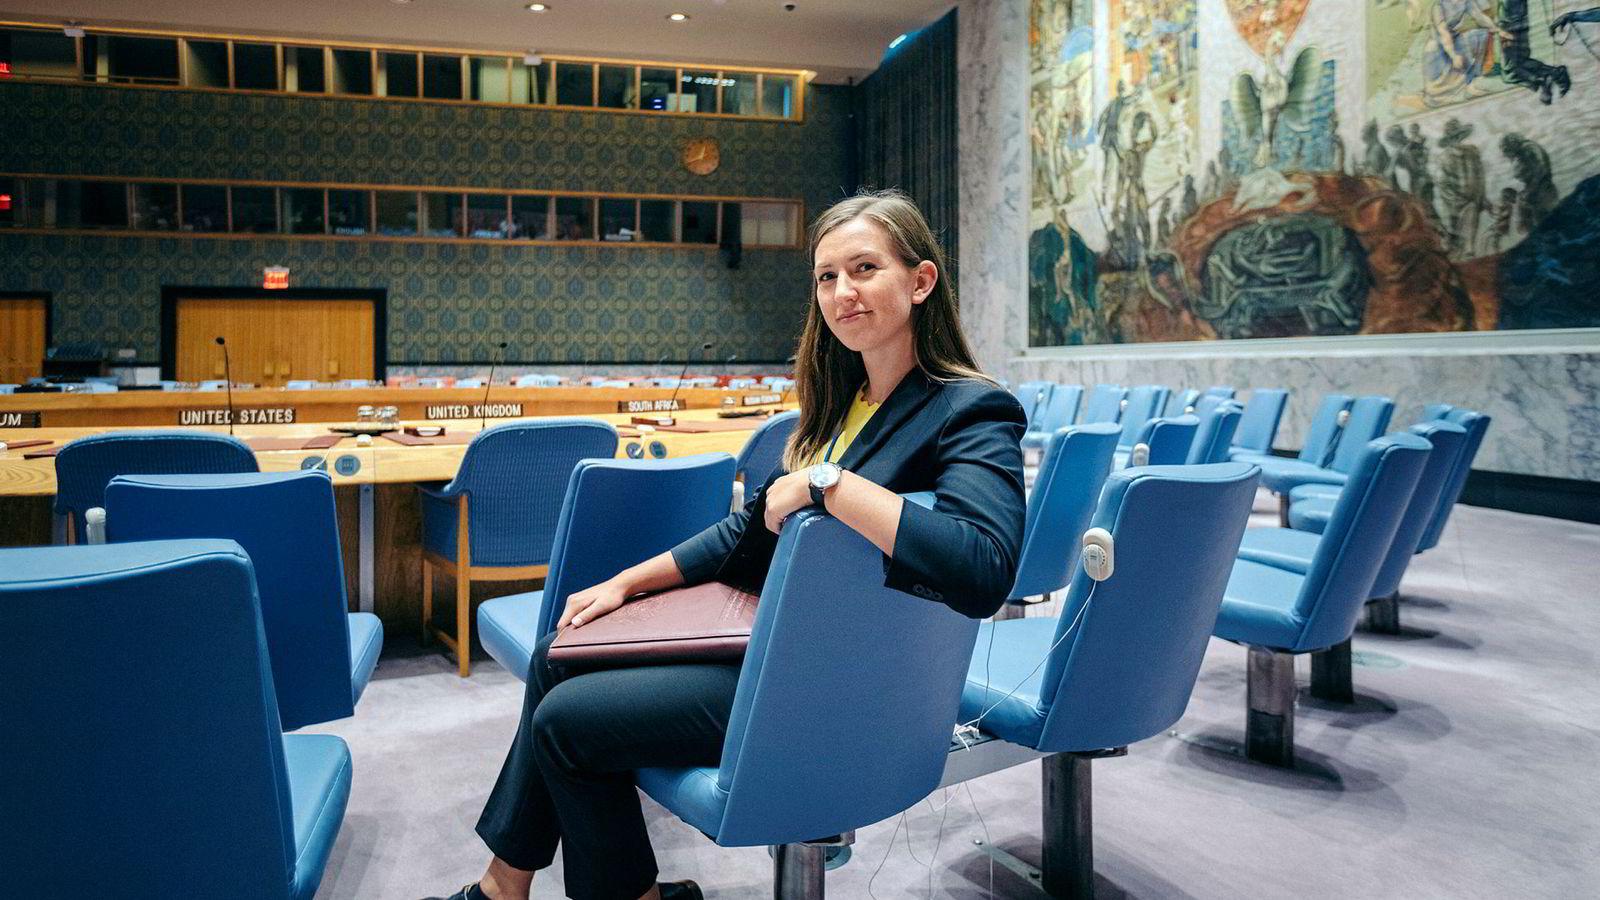 Tiril Høye Rahn jobber i tre måneder for Storbritannias delegasjon, som er en av de mektigste og største økonomiske bidragsyterne i sikkerhetsrådet.